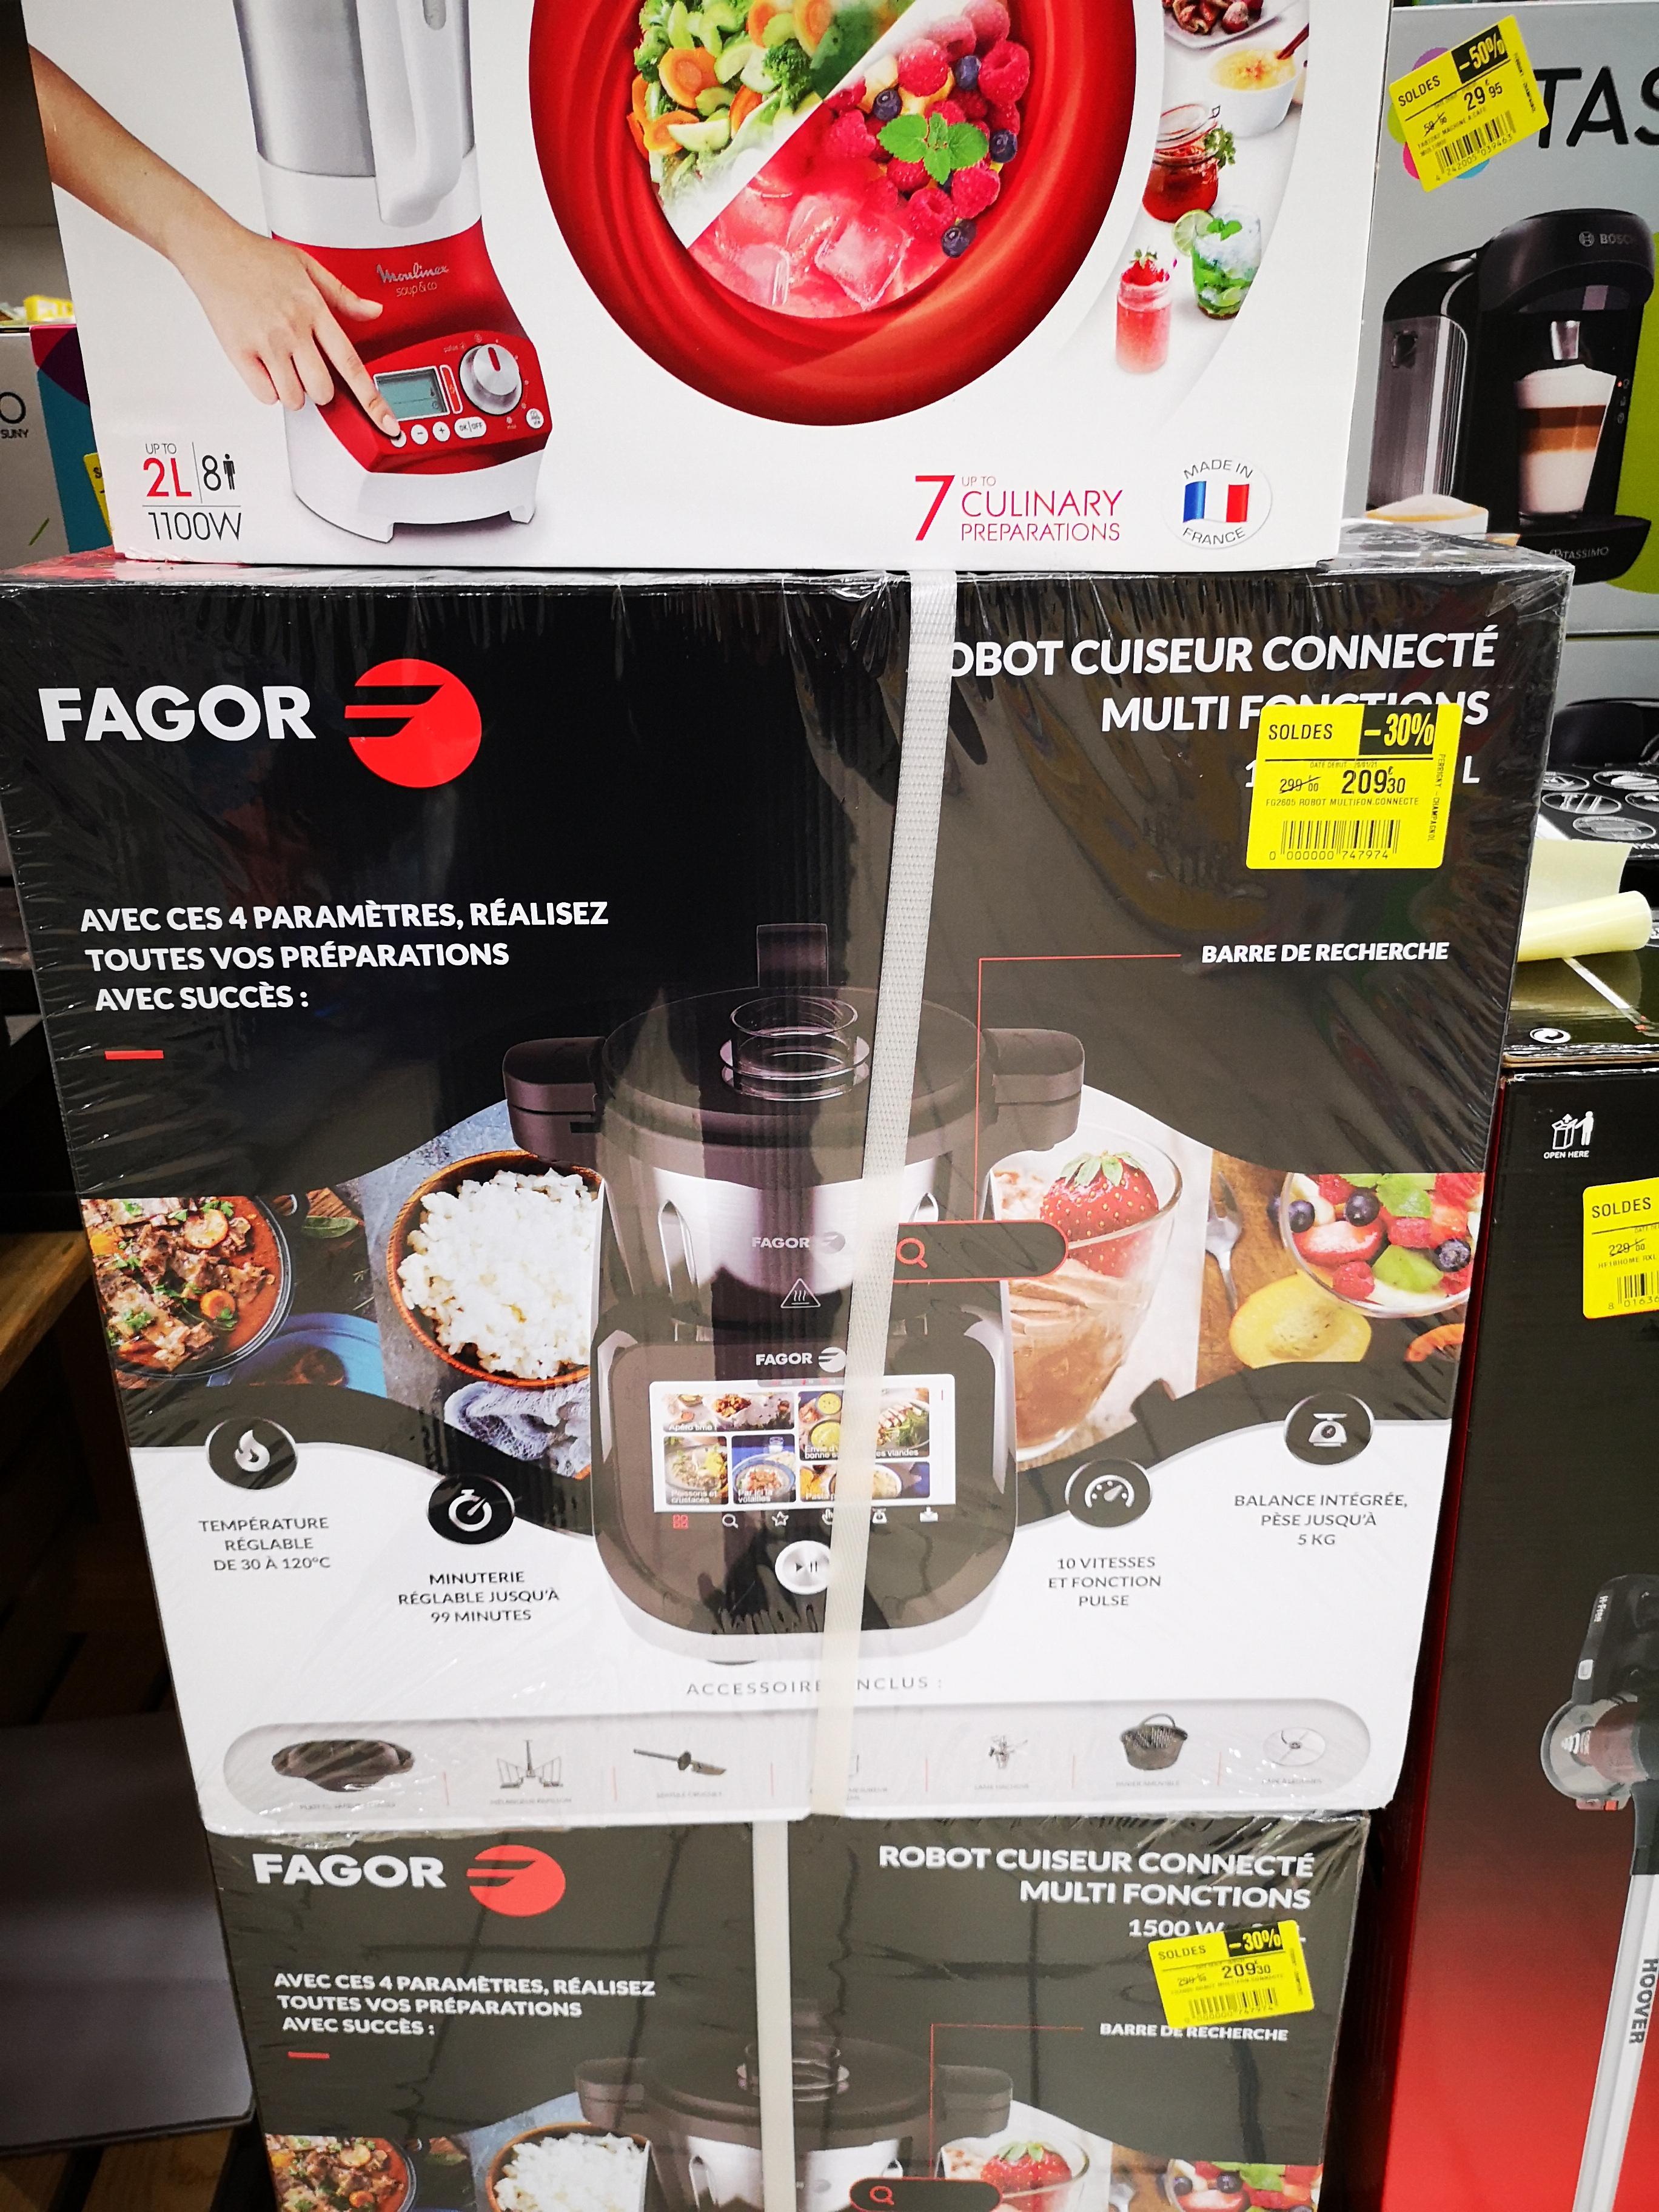 Robot Cuiseur Multifonction Fagor Connect Compact FG2605 - Carrefour lons le Saunier (39)